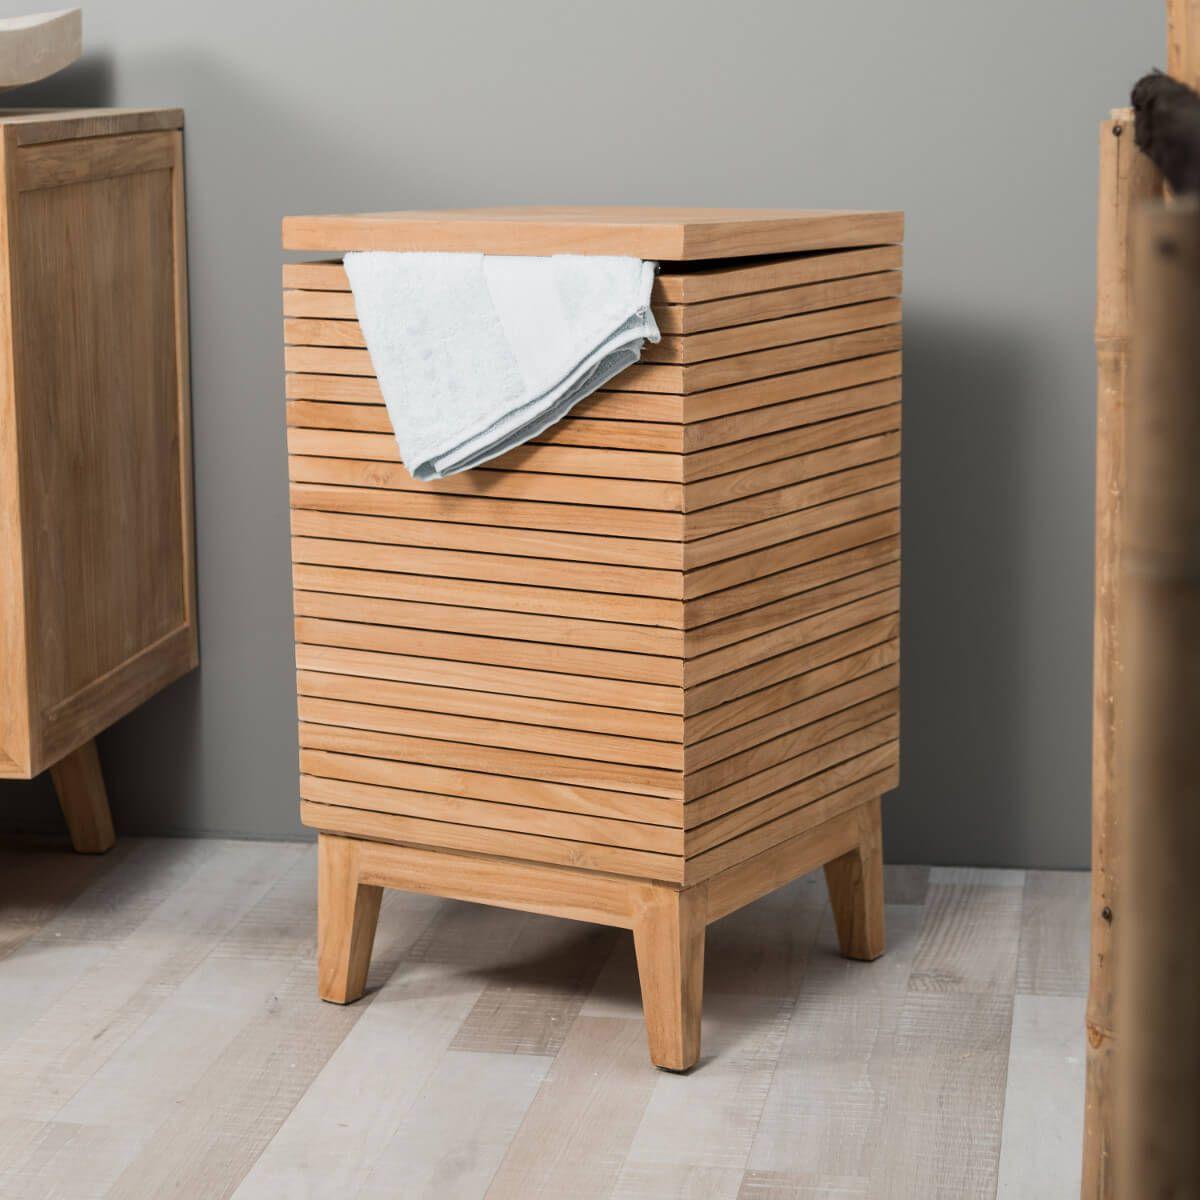 Bac linge en teck en 2019 collection luxe coffre - Coffre de salle de bain ...